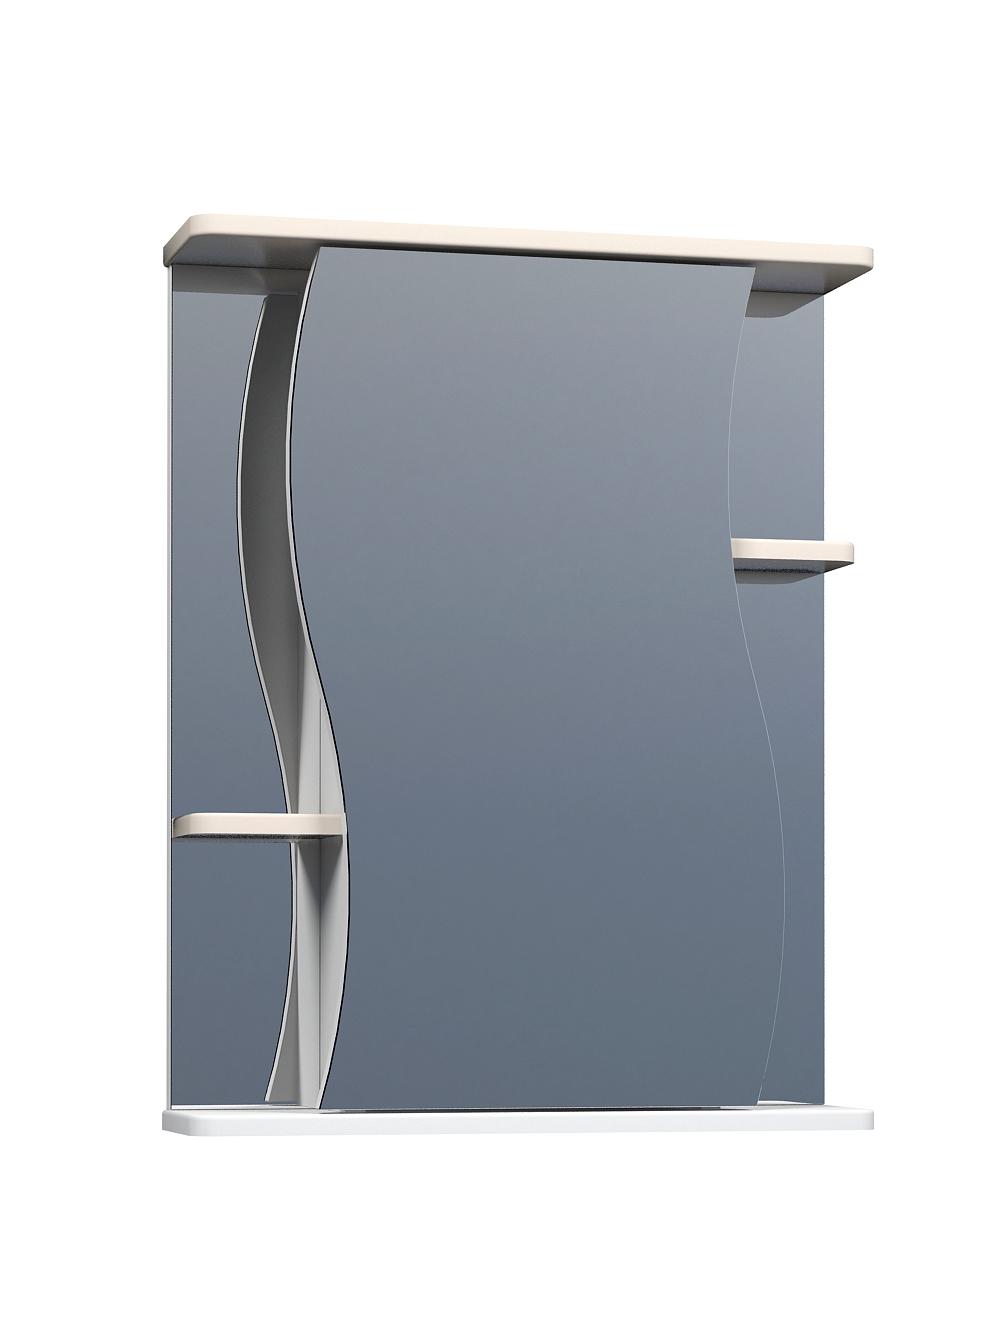 Зеркальный шкаф Alessandro 3-550 бежевый